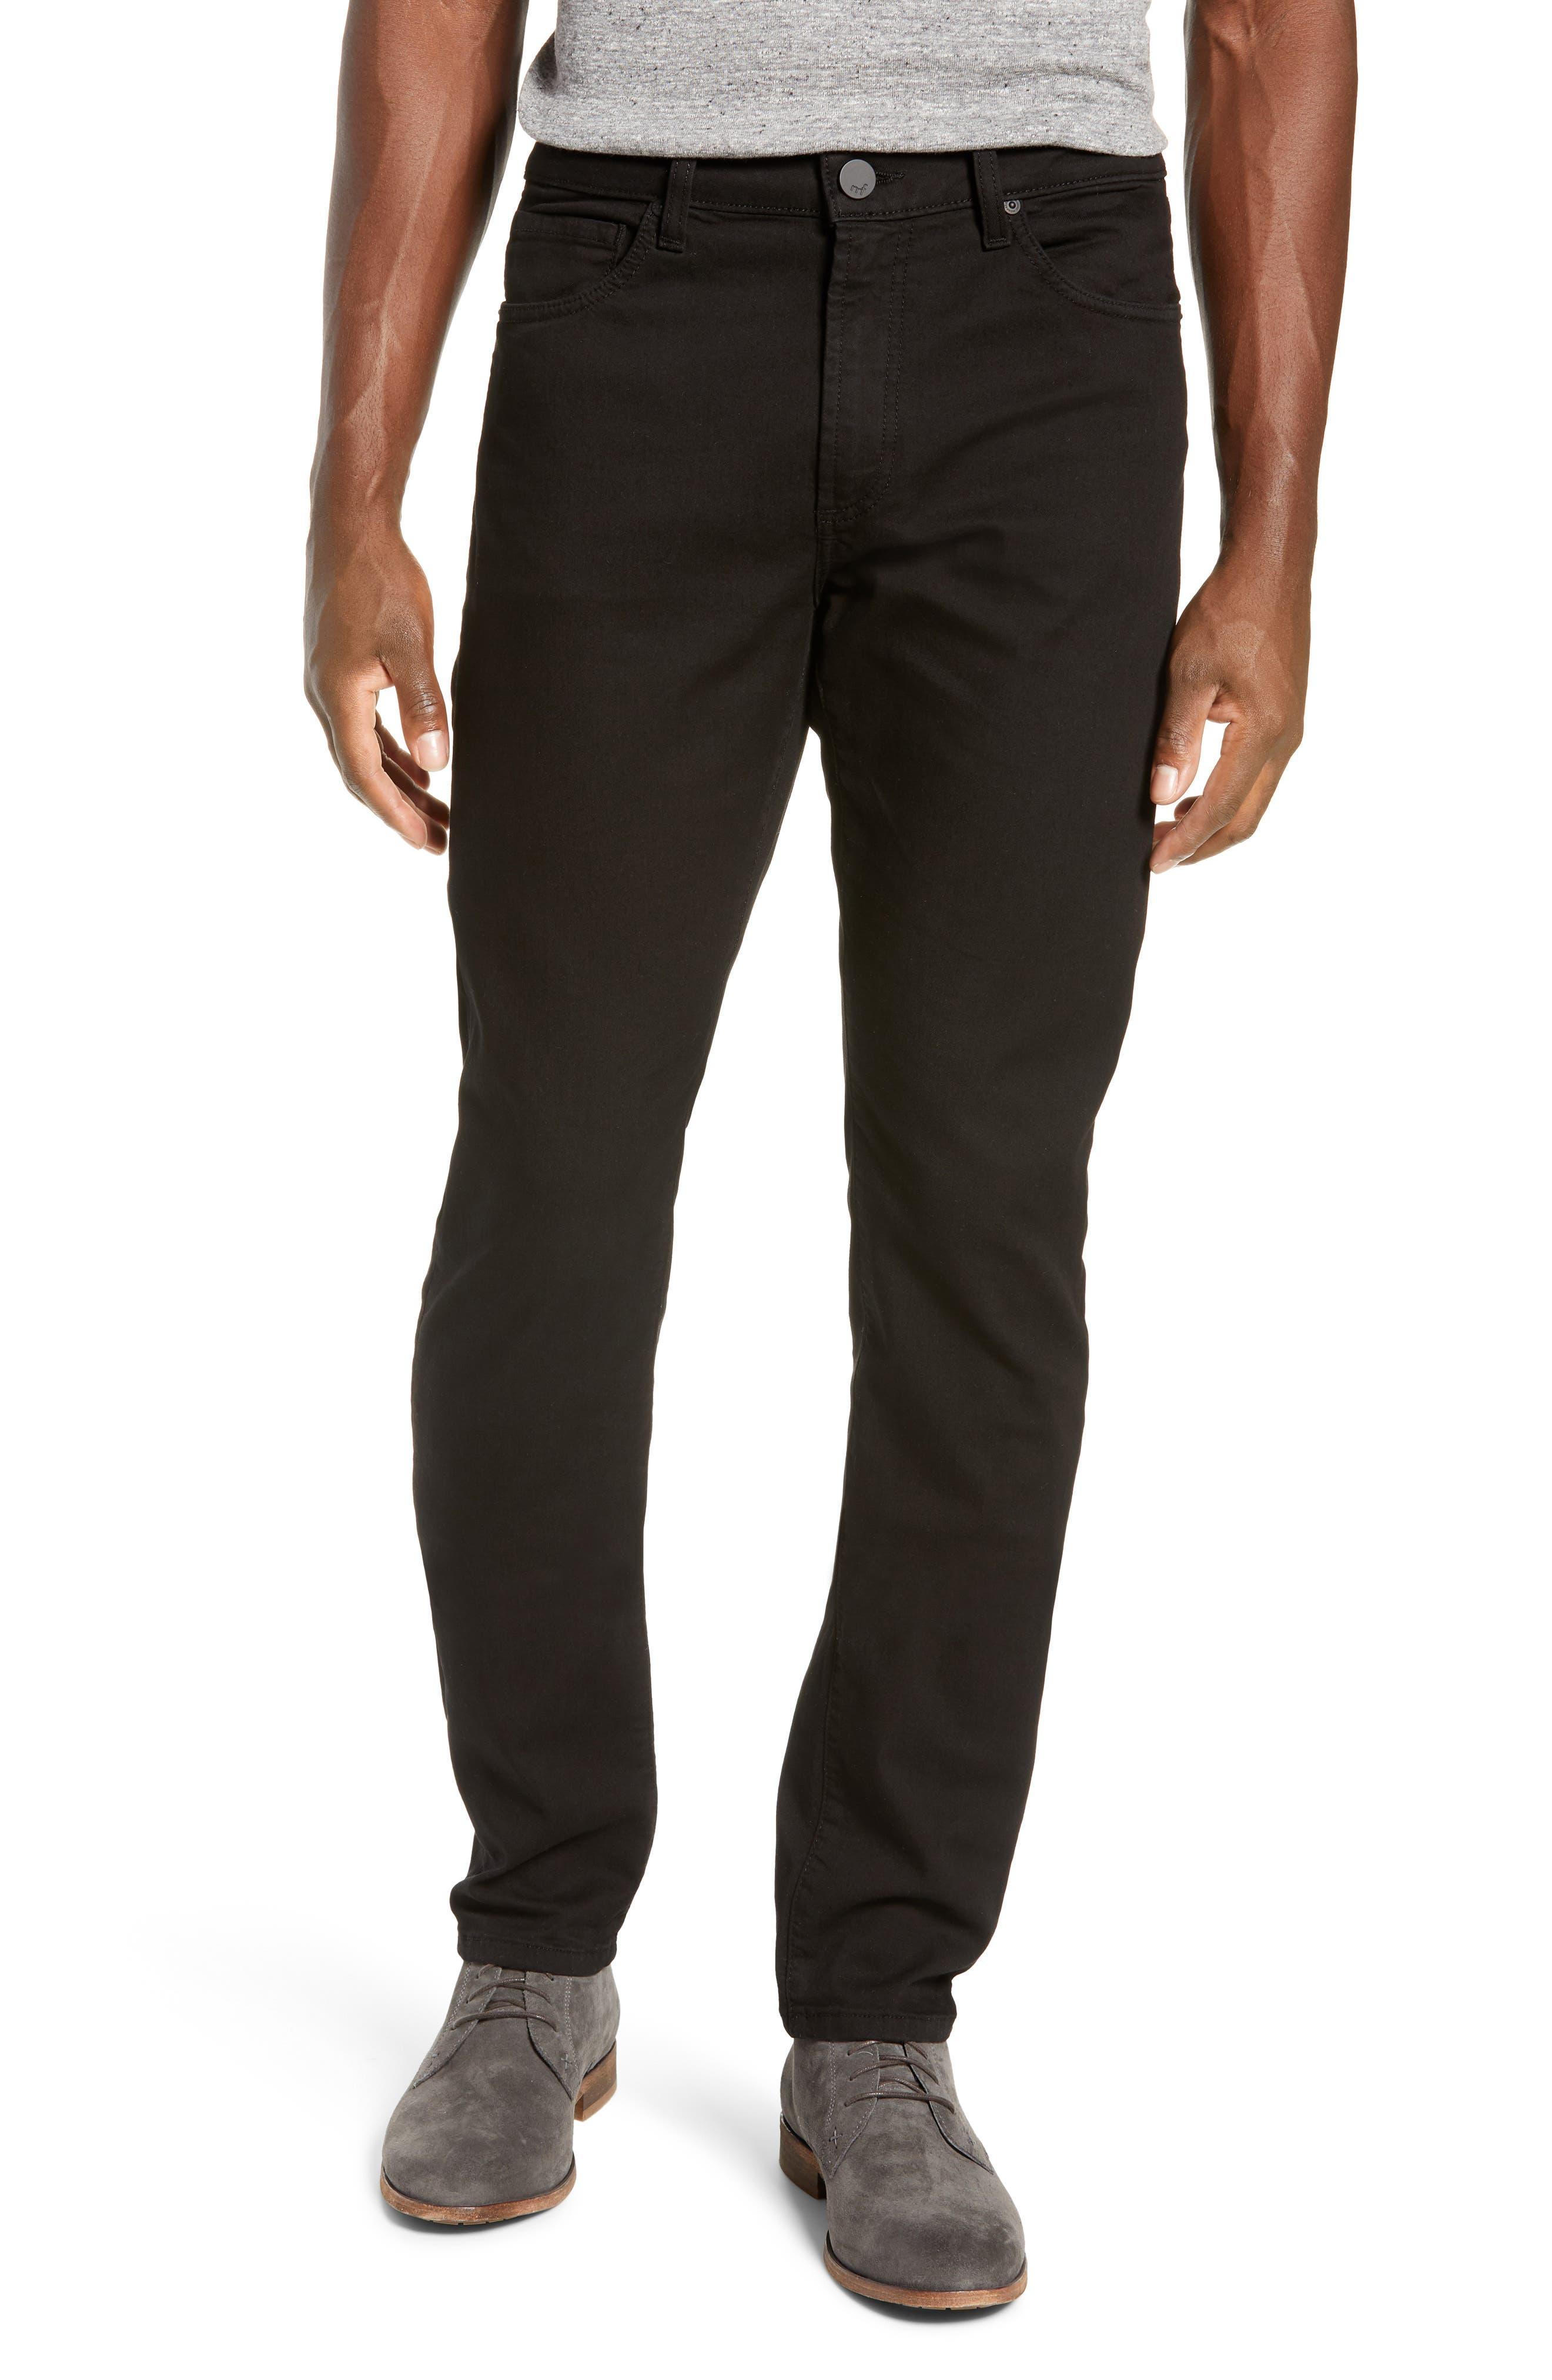 MONFRERE Deniro Slim Straight Leg Jeans in Noir